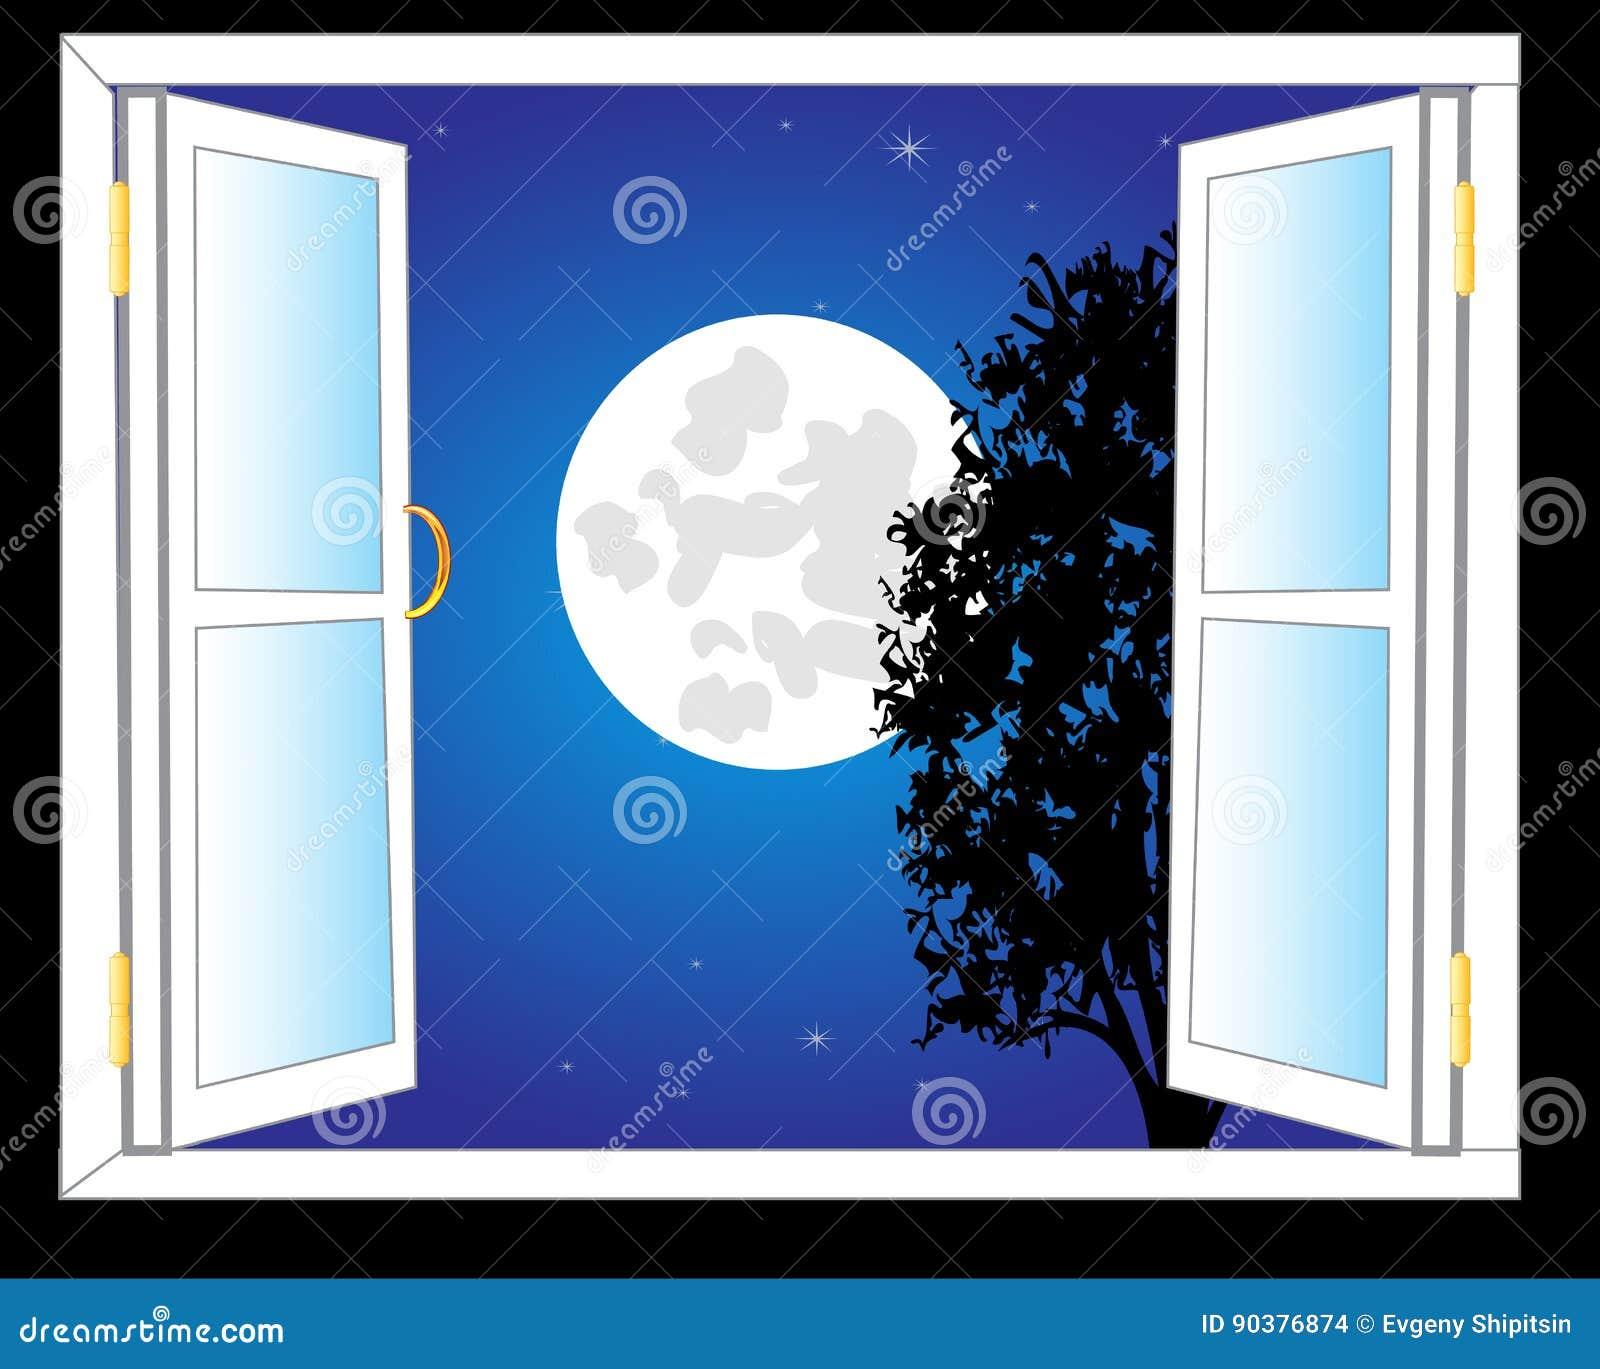 Open window at night - Moon Night Open Stars View Window